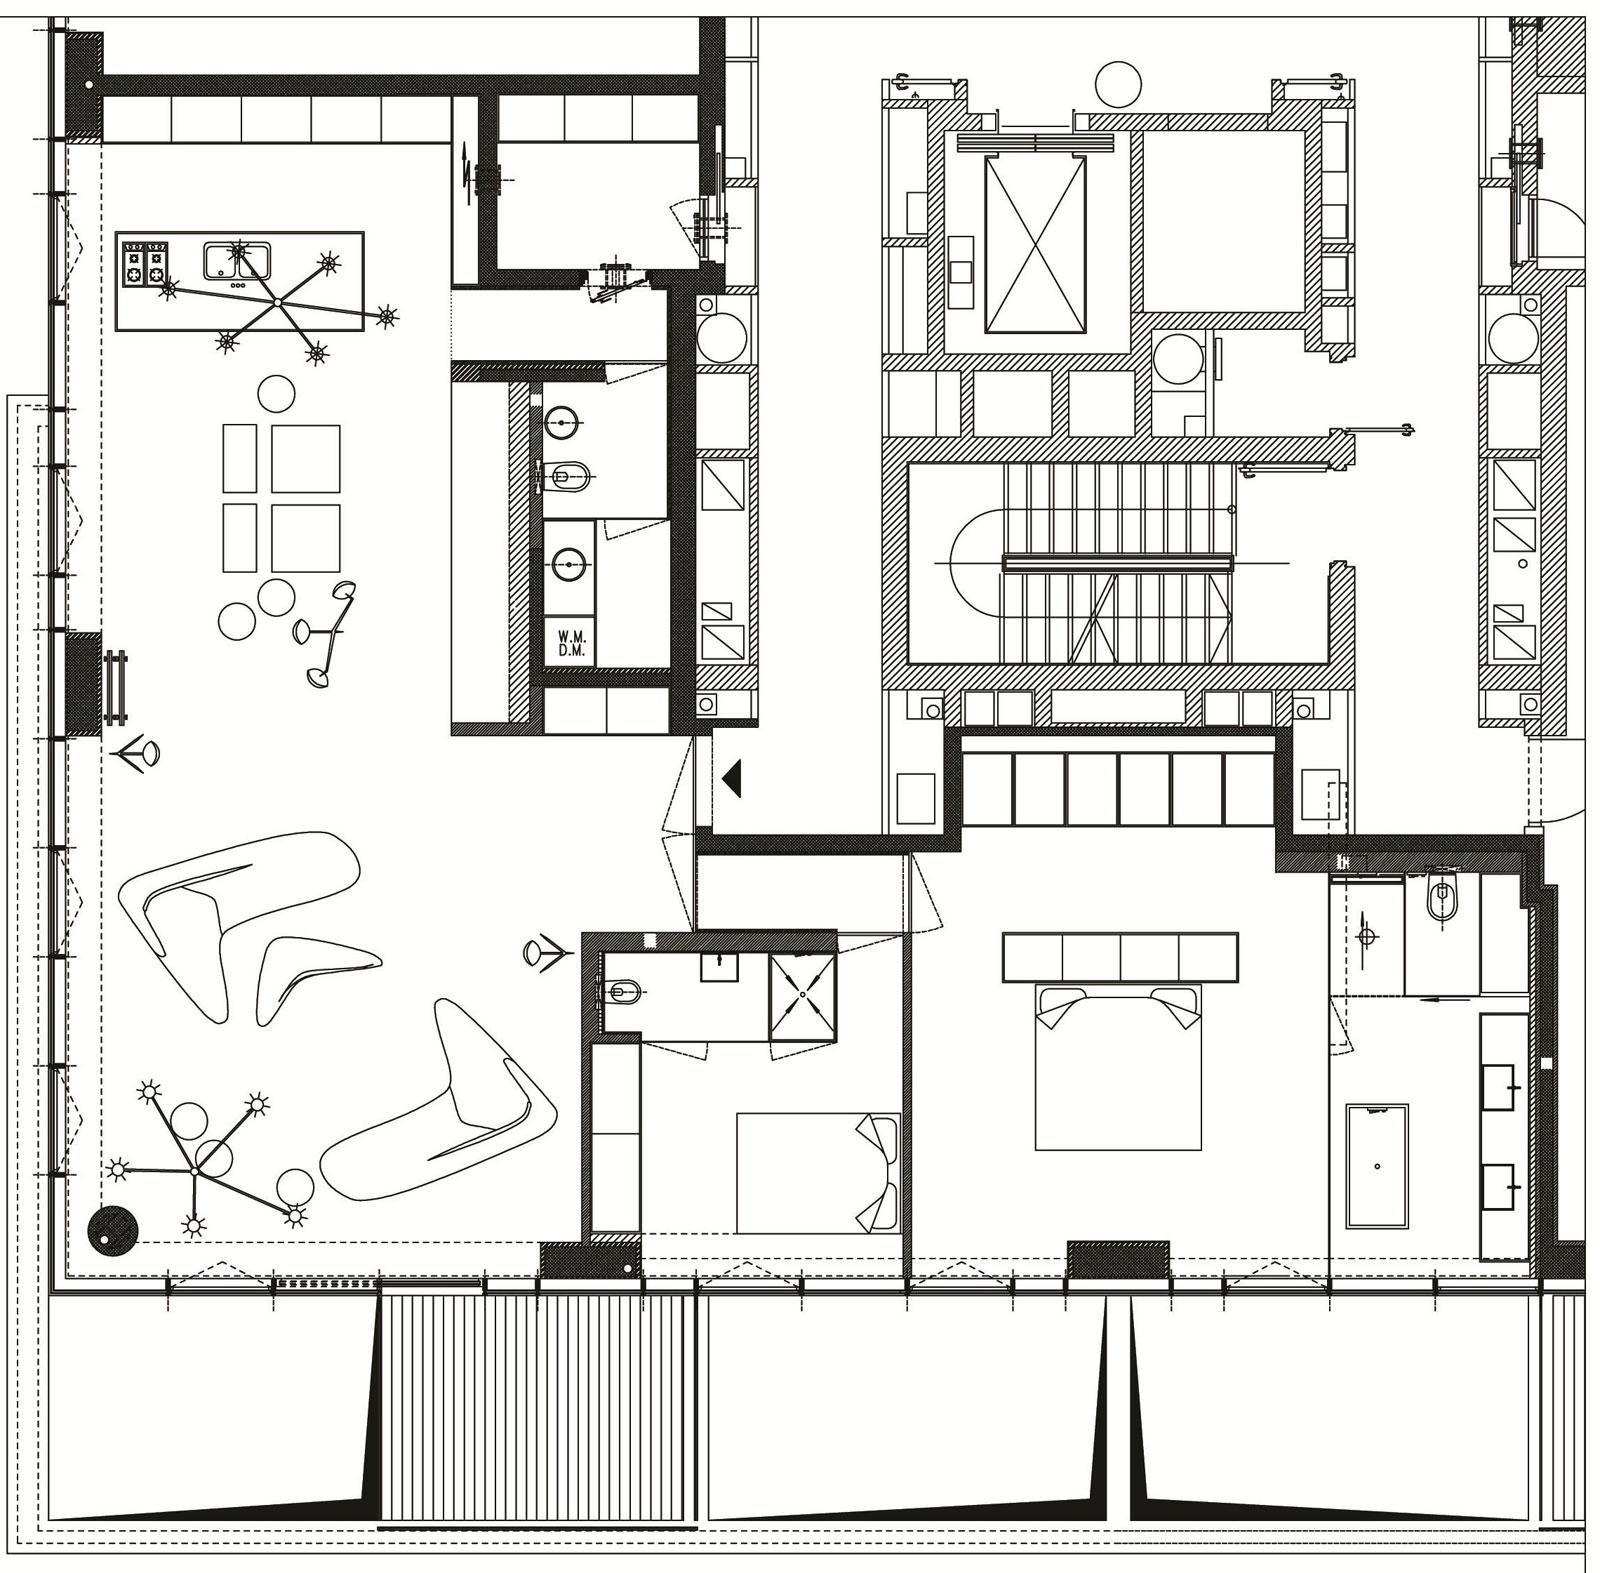 R1T-Apartment-22